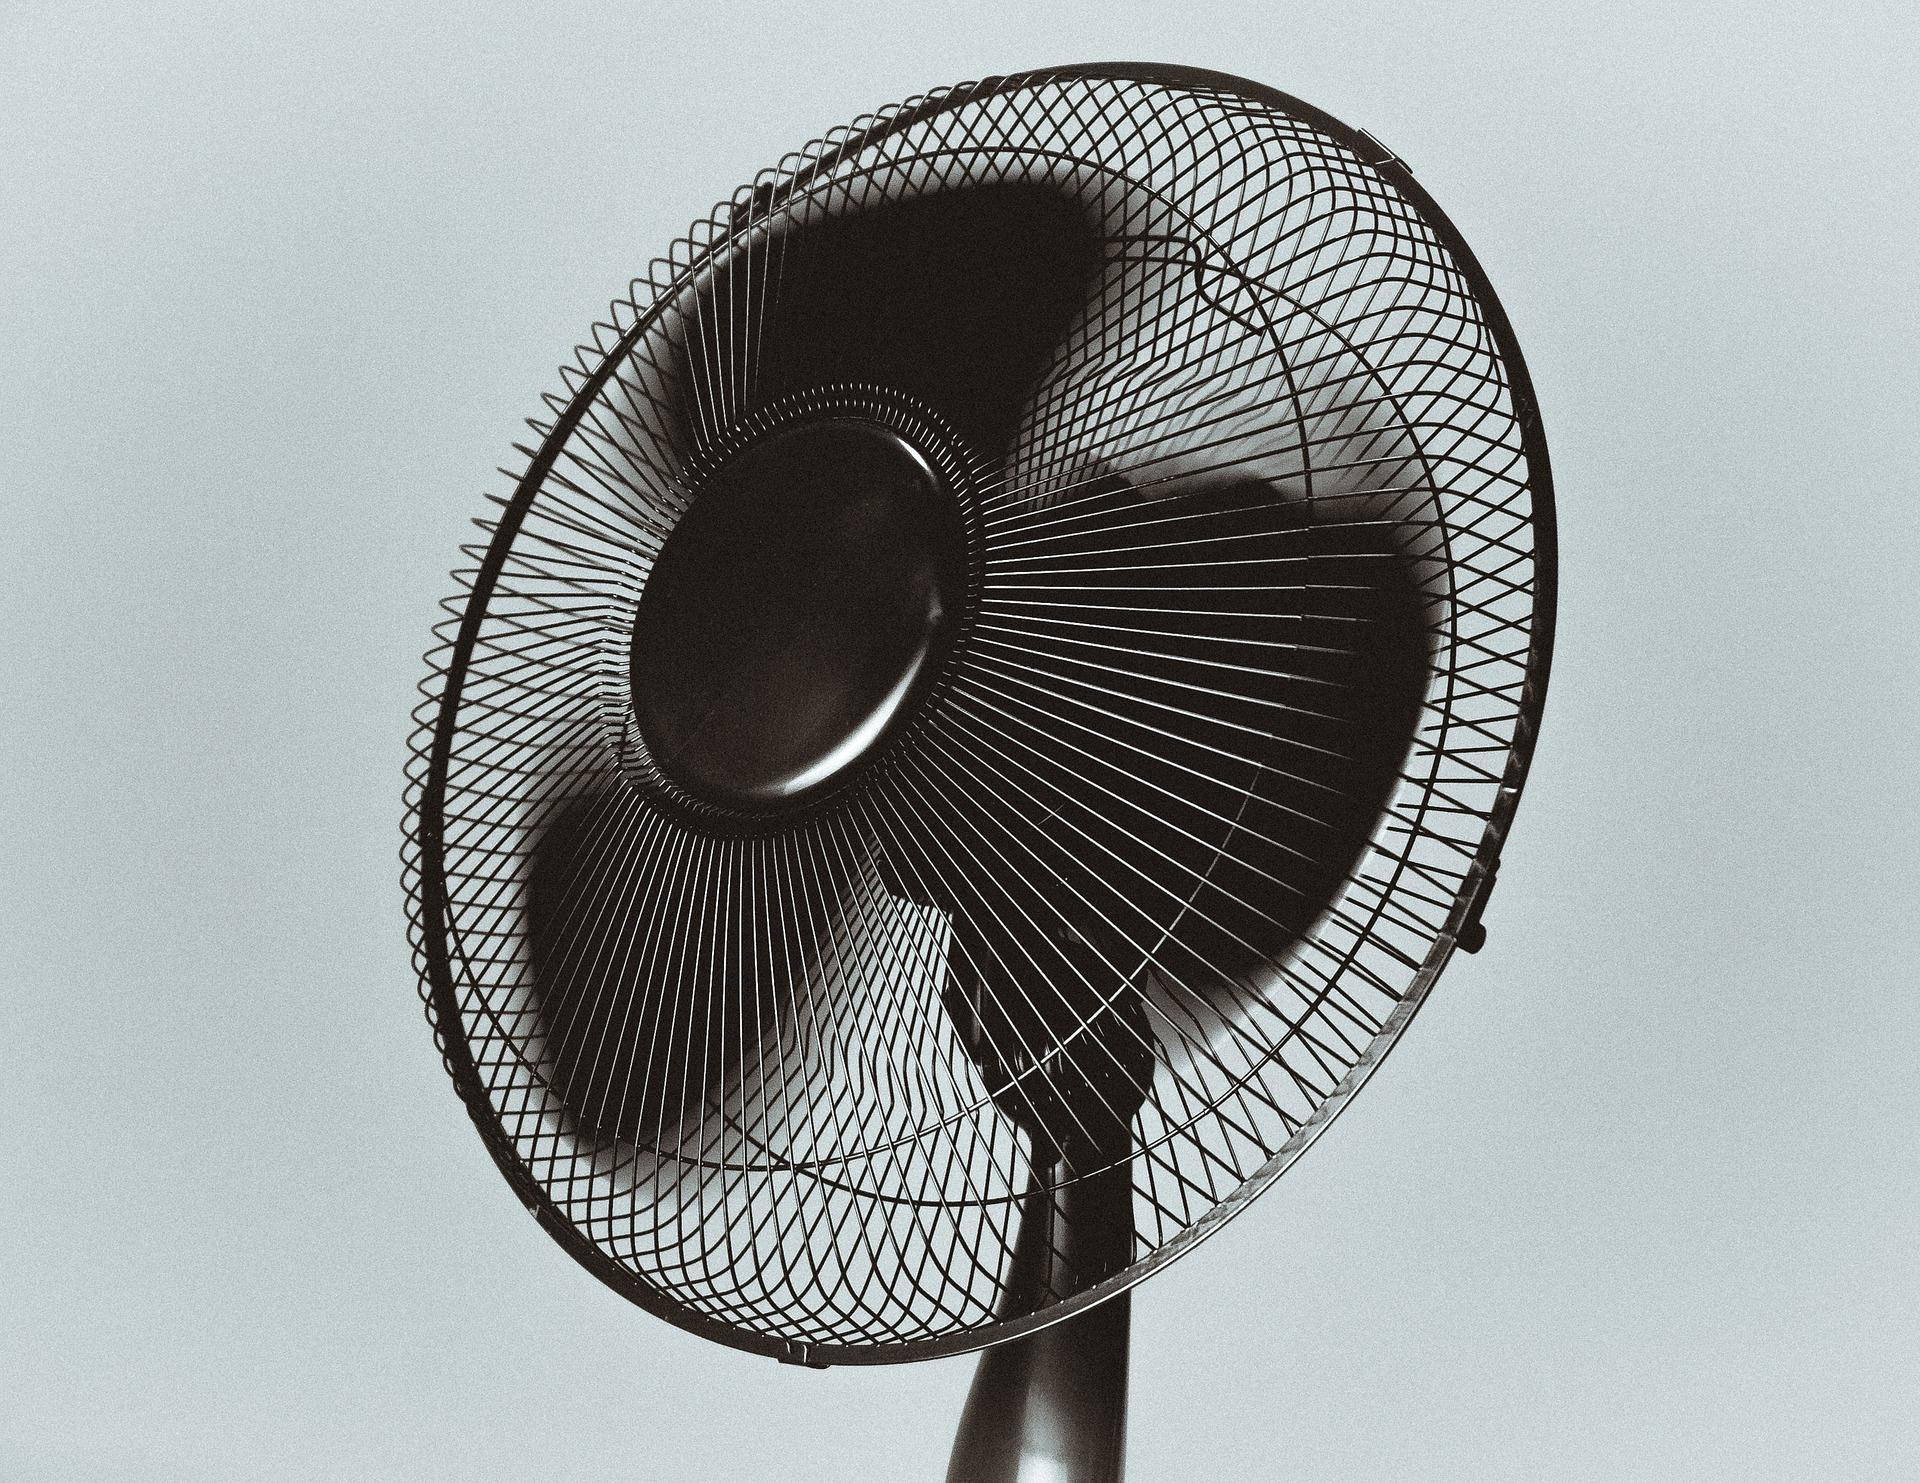 Na foto um ventilador preto ligado.